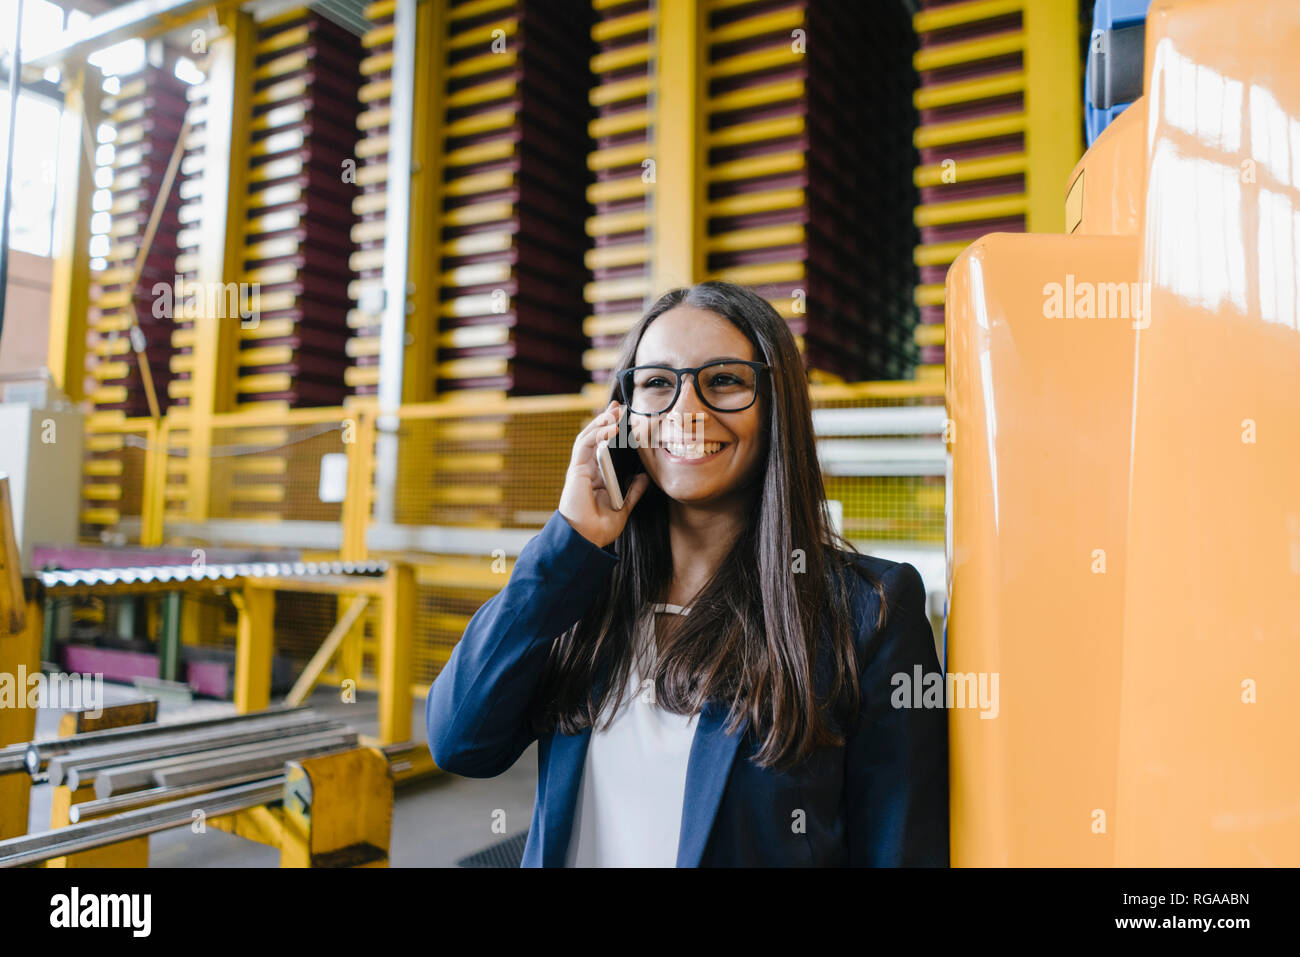 Joven que trabaja en el almacén de distribución, hablar por teléfono Foto de stock